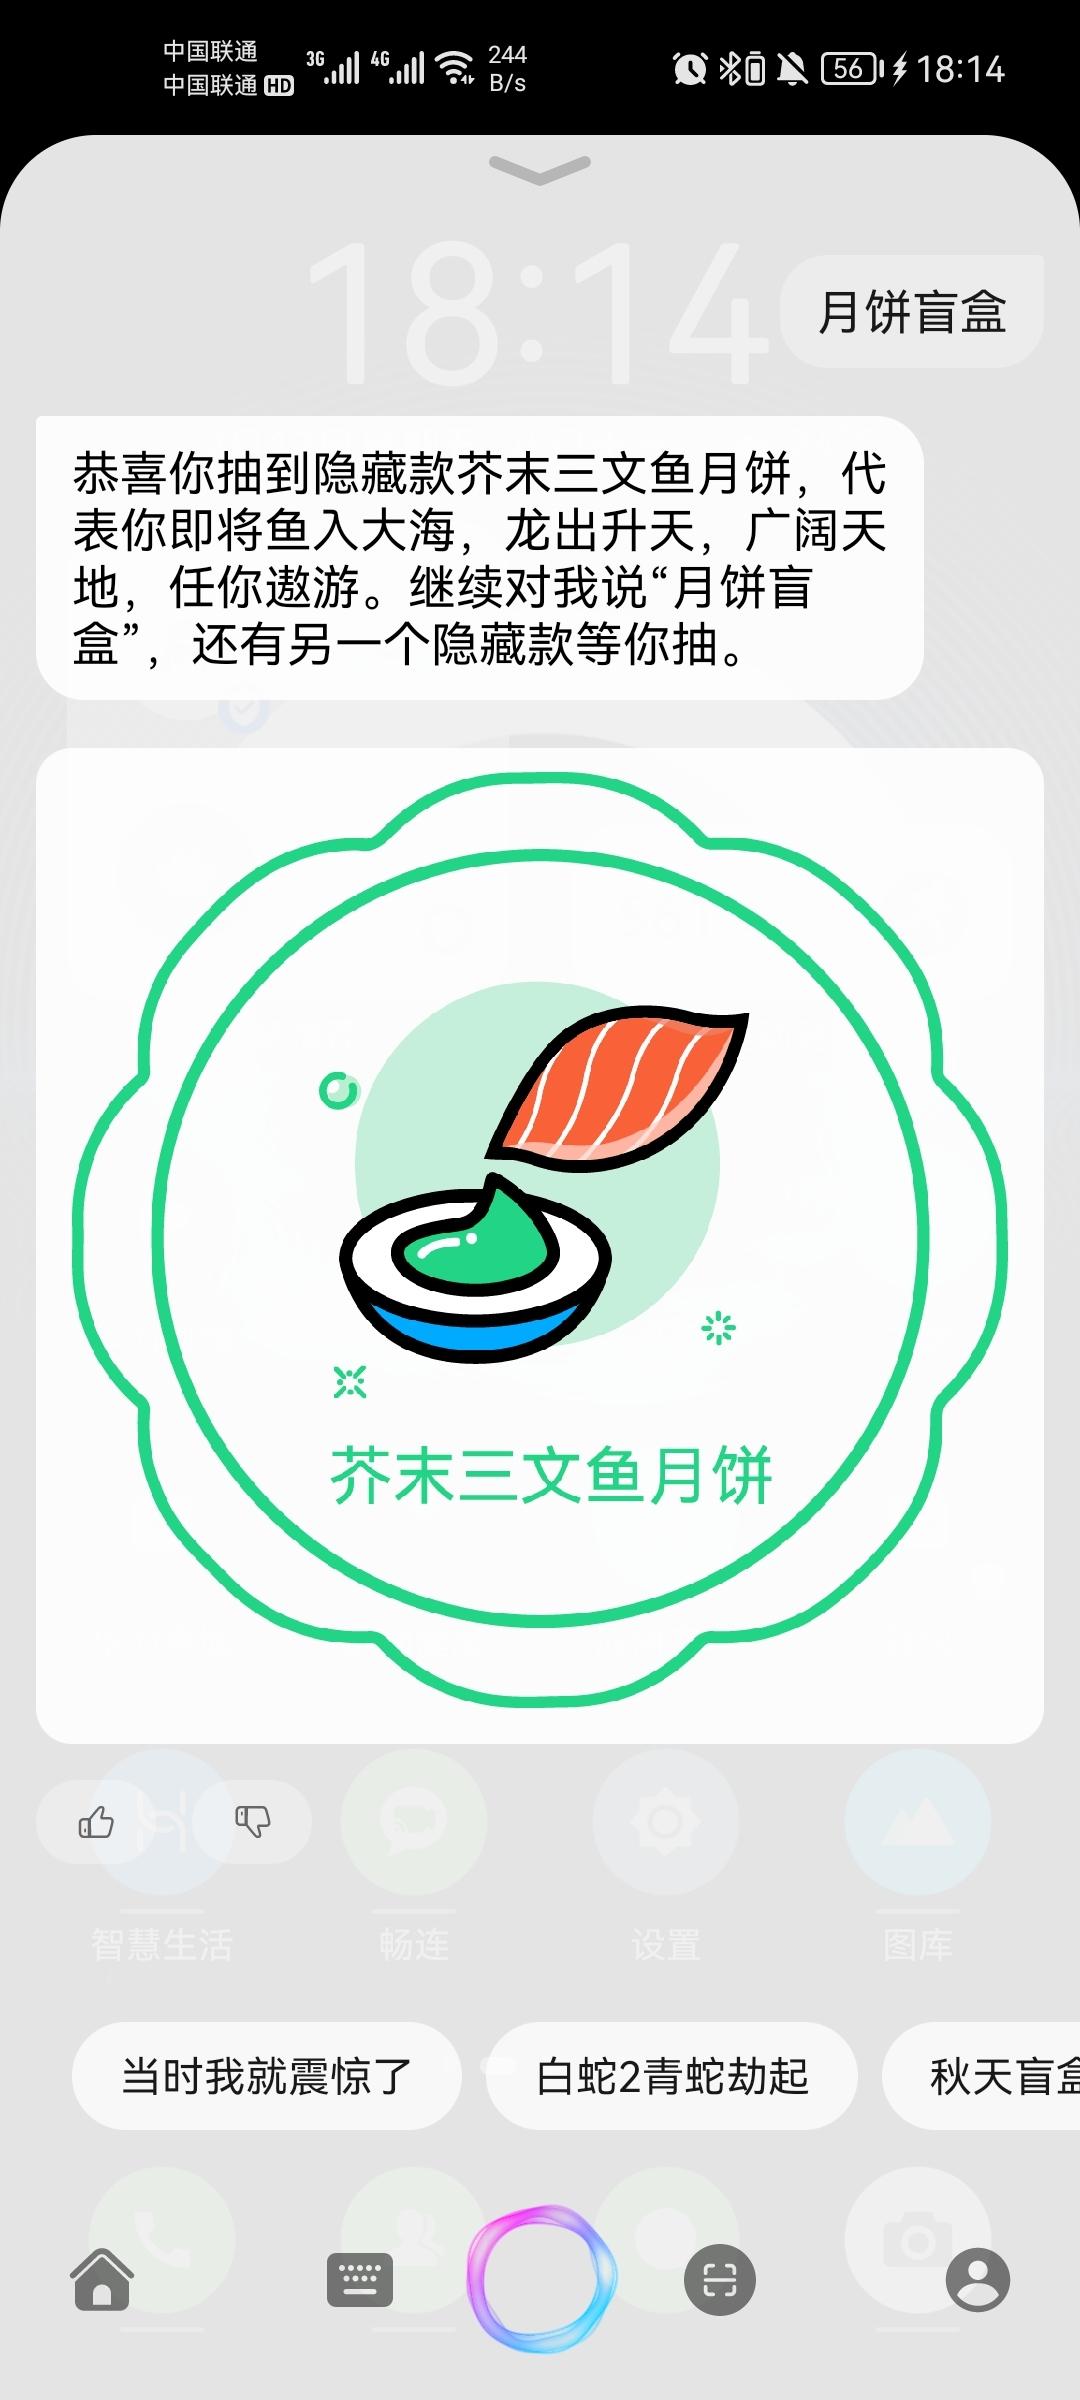 Screenshot_20210917_181452_com.huawei.android.launcher.jpg